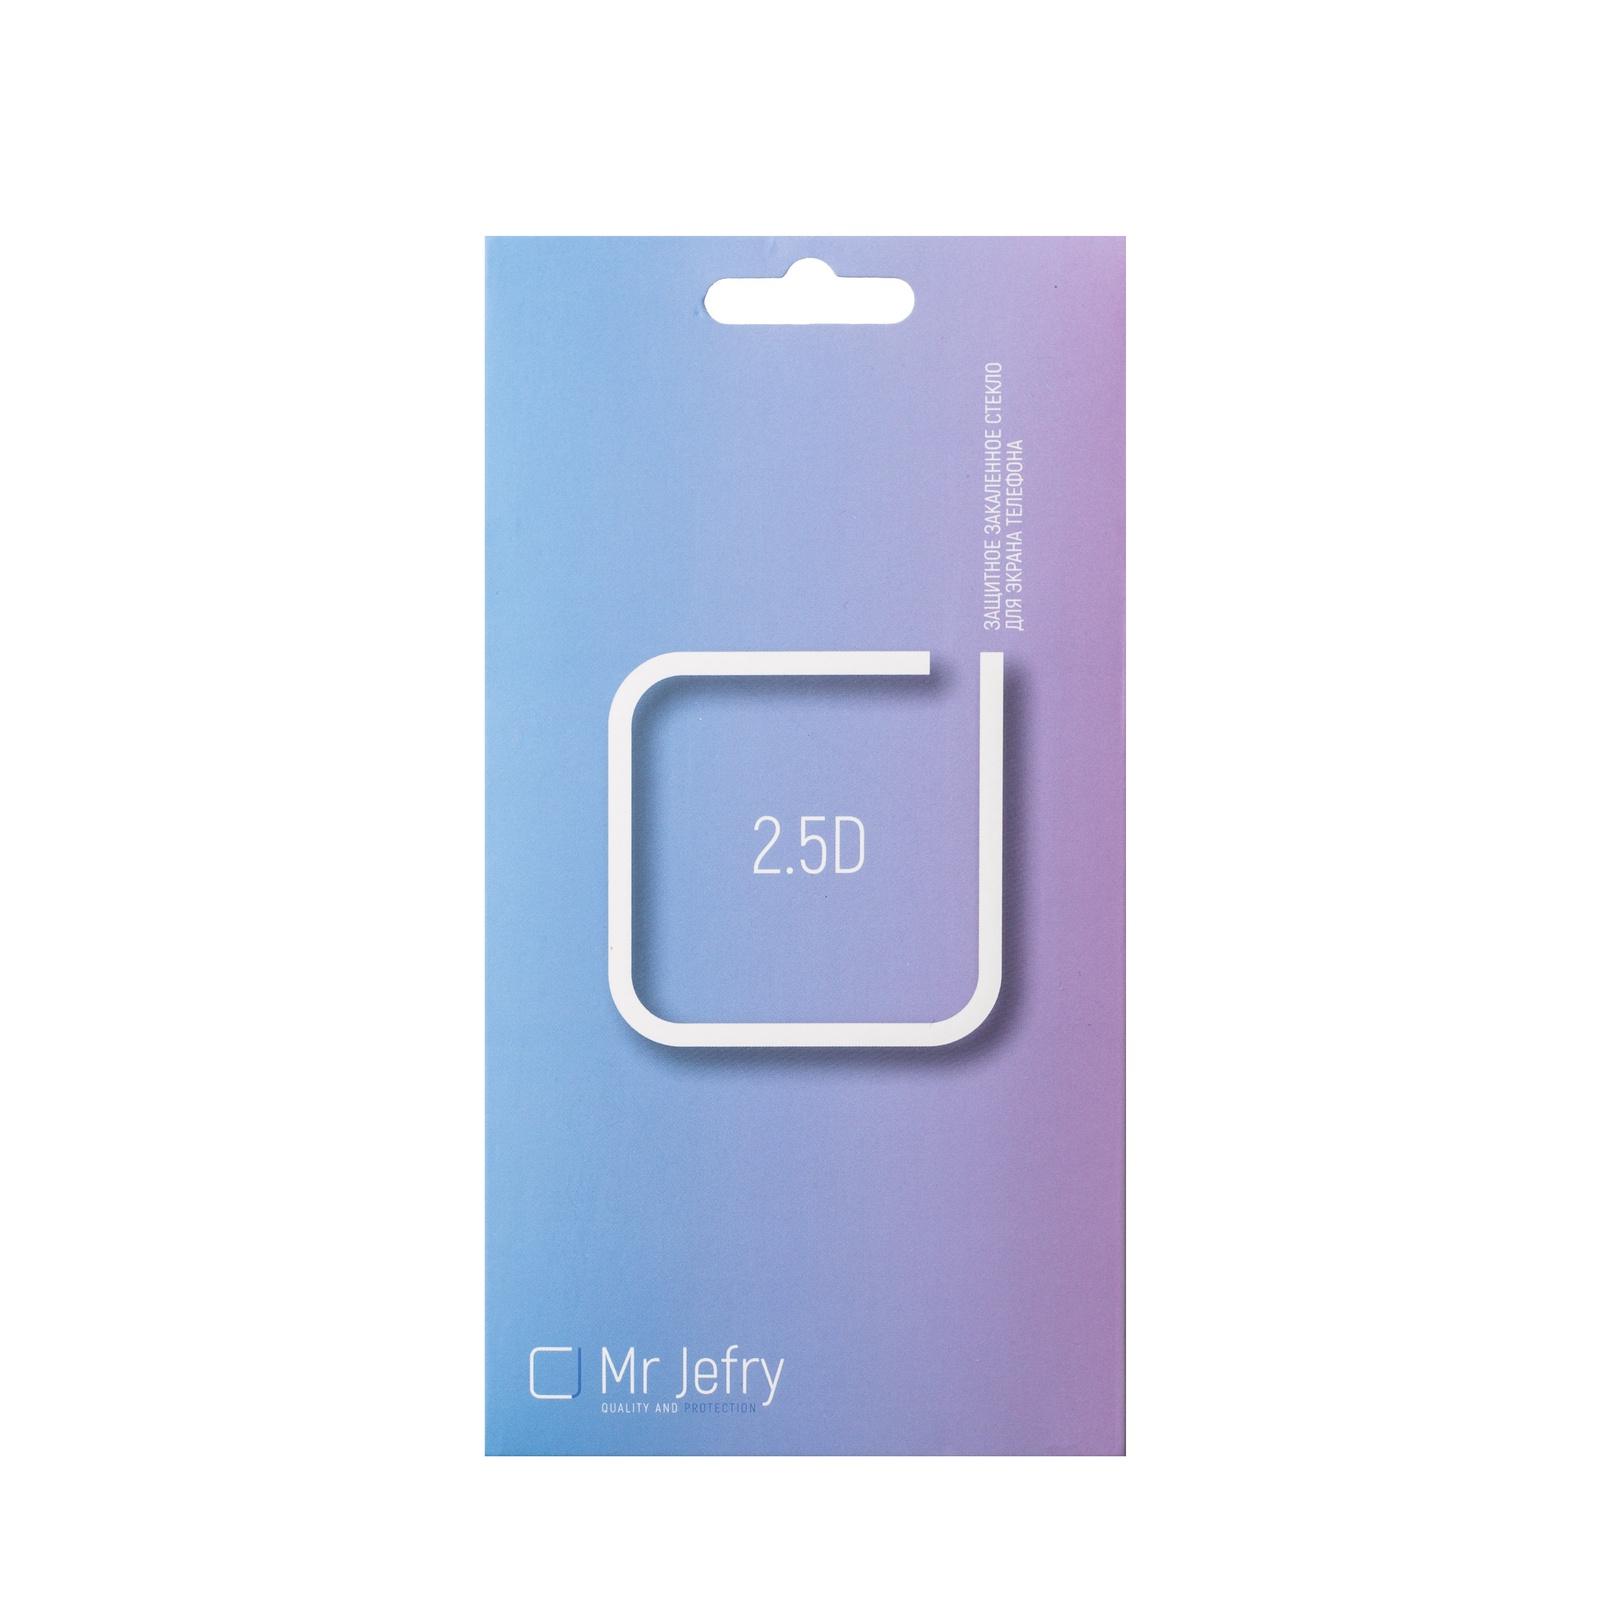 Mr Jefry стекло защитное (многослойное) 2,5D для Samsung A8